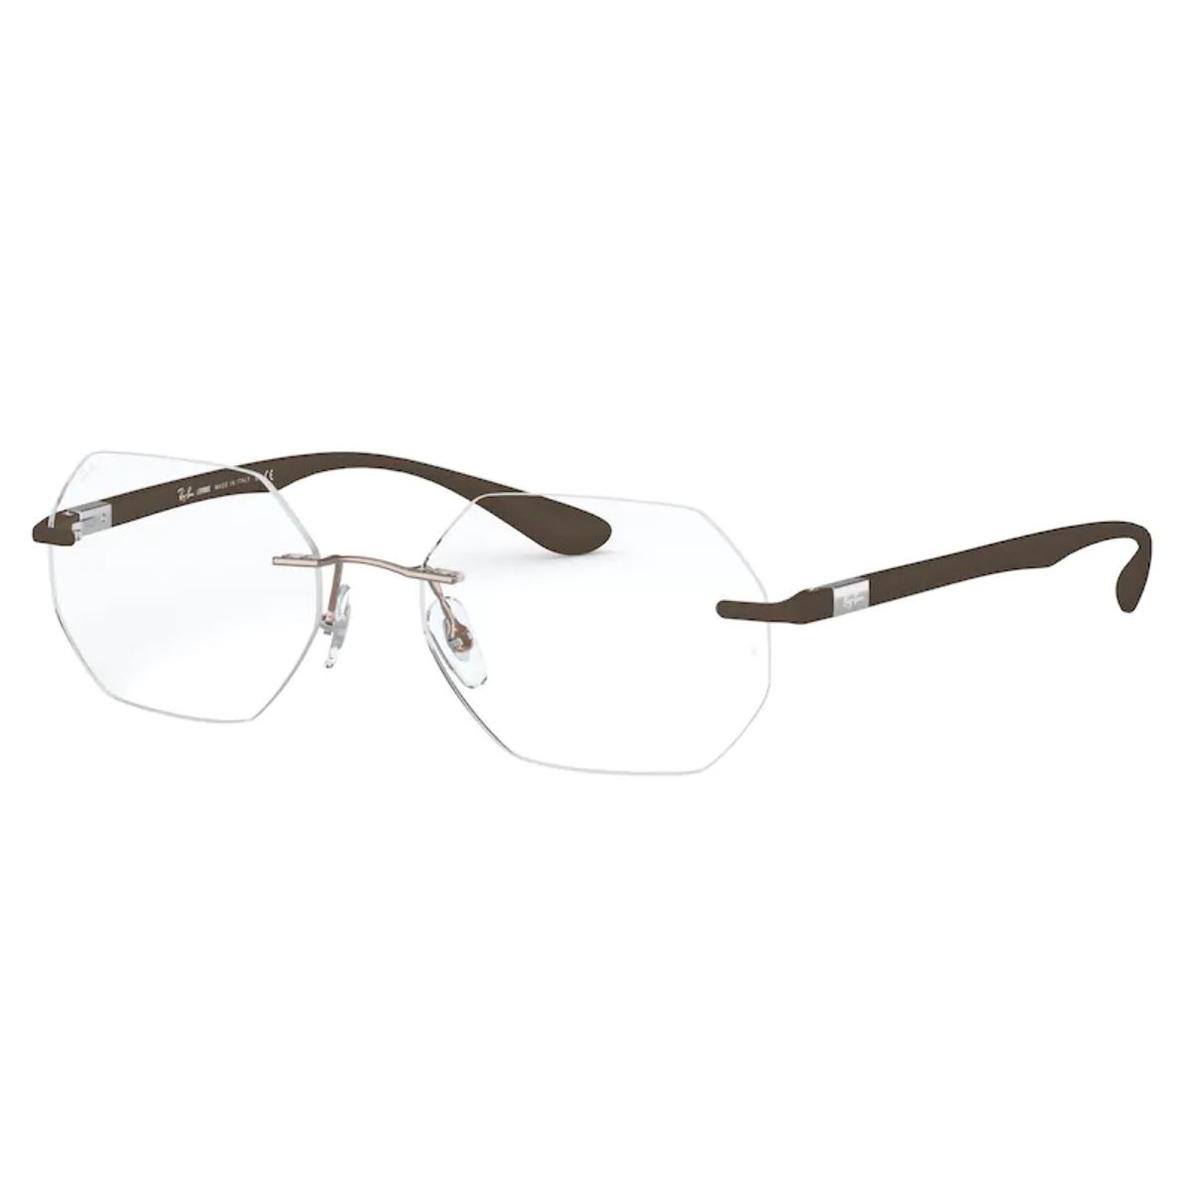 Armação de Óculos RayBan RX8765 Titanium Parafusado Marrom